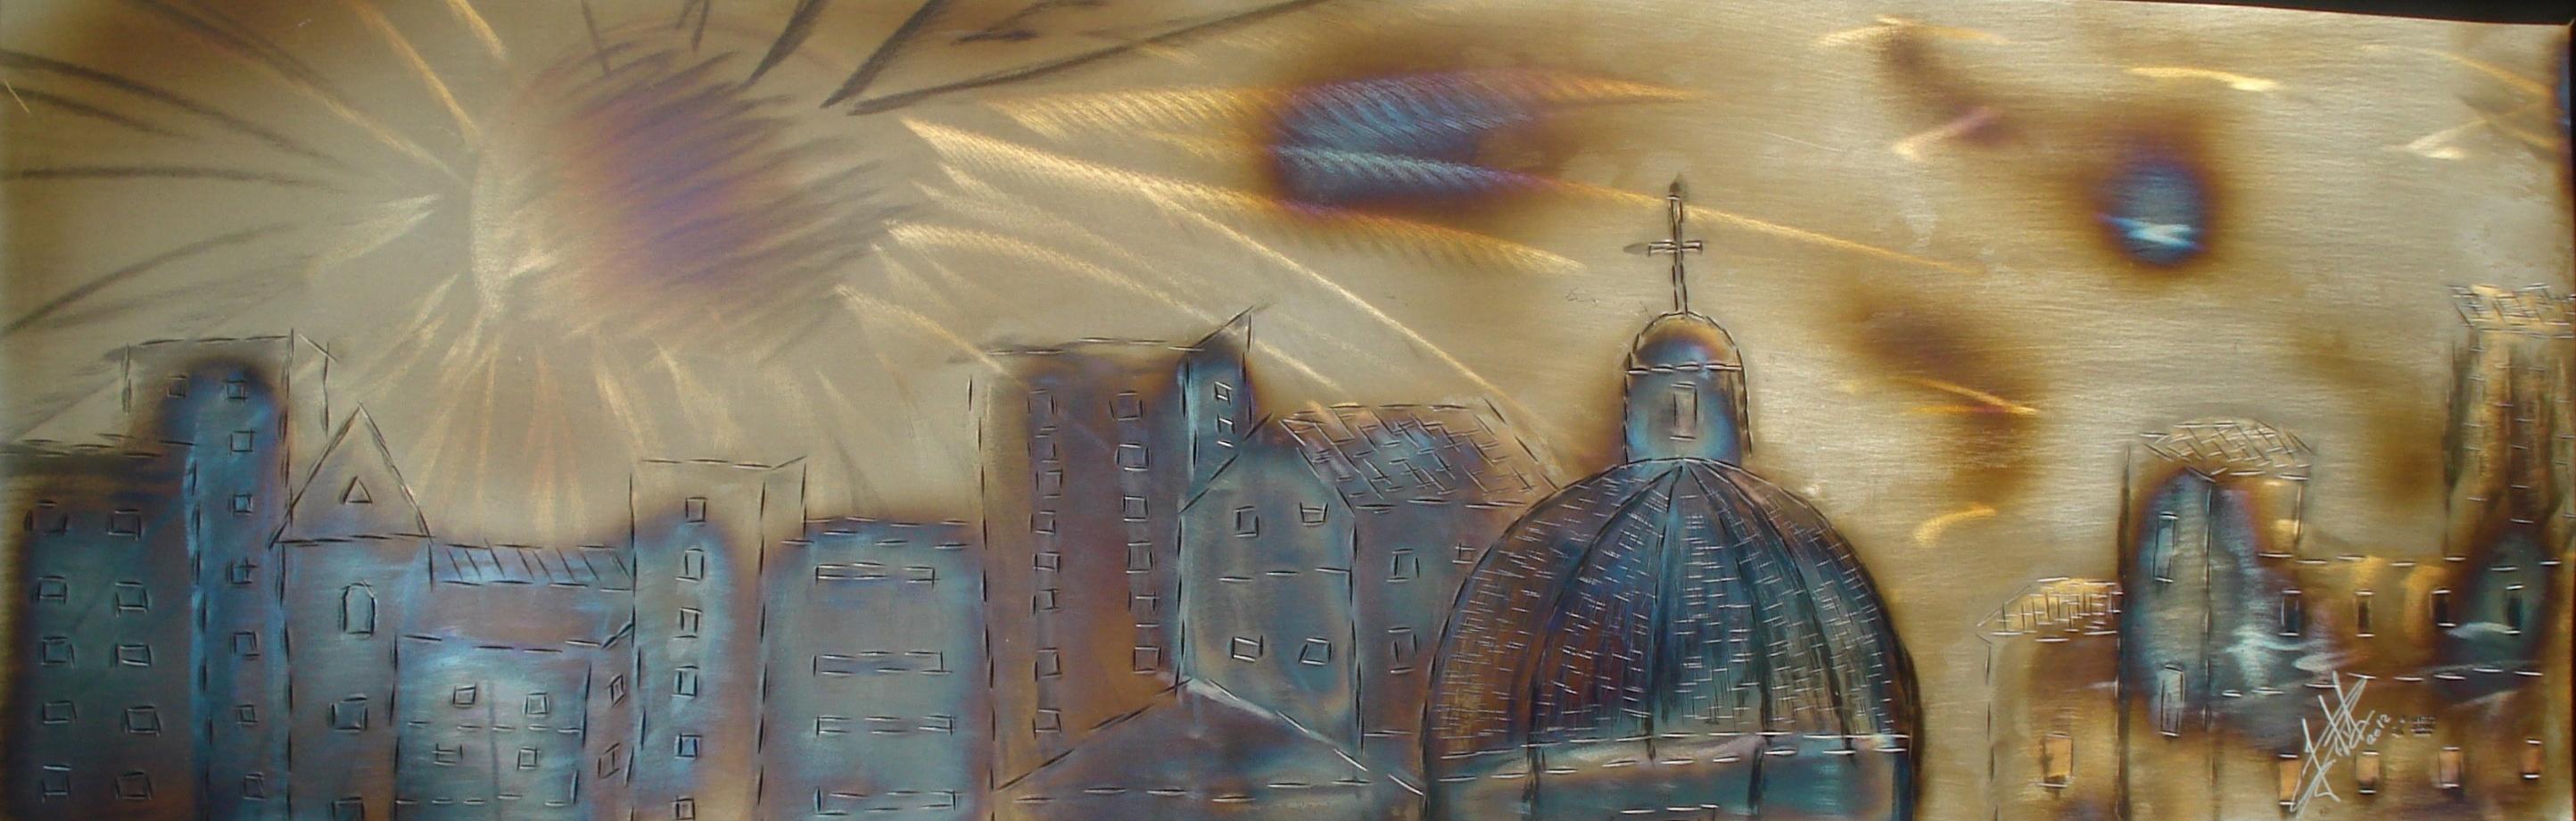 """""""abluzionidoro"""" mostra dello scultore Roberto Ziranu sale del Ghetto a Cagliari dal 14 luglio al 10 settembre 2017. Si inaugura venerdì 14 luglio, a partire dalle 19, nelle sale del Ghetto la mostra dello scultore Roberto Ziranu intitolata """"abluzionidoro"""". La mostra, organizzata dal Consorzio Camù, è curata da Flaminia Fanari."""